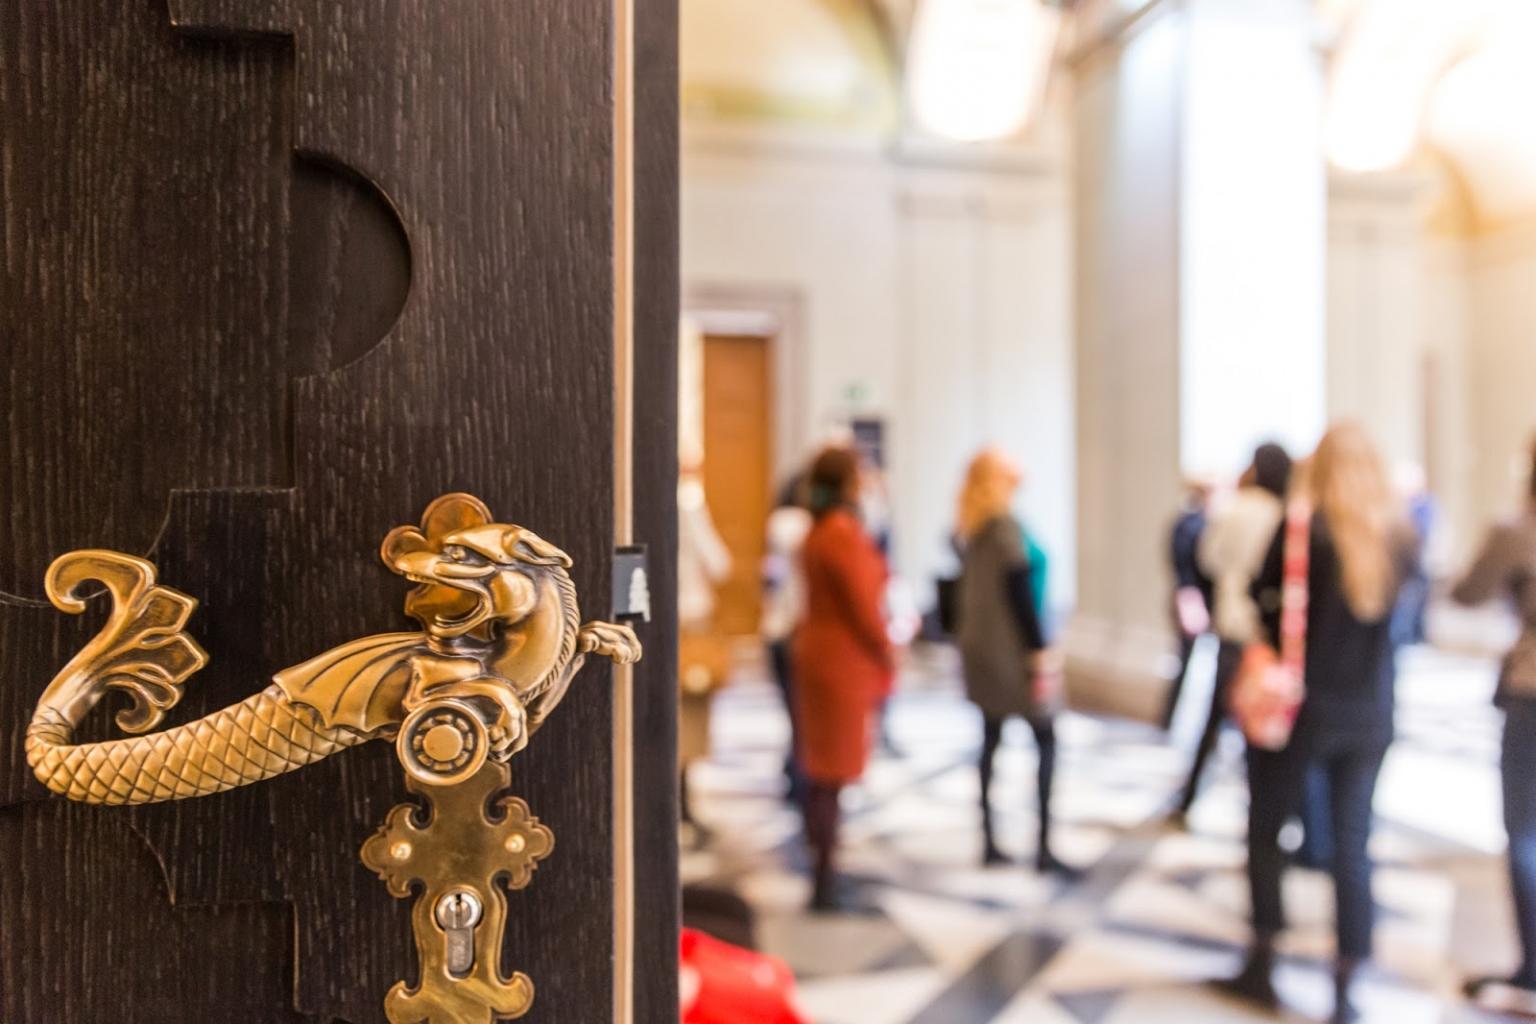 A Szépművészeti Múzeum 2019-től október végétől várja a látogatókat van Dyck és Rubens festményeinek kiállítására.